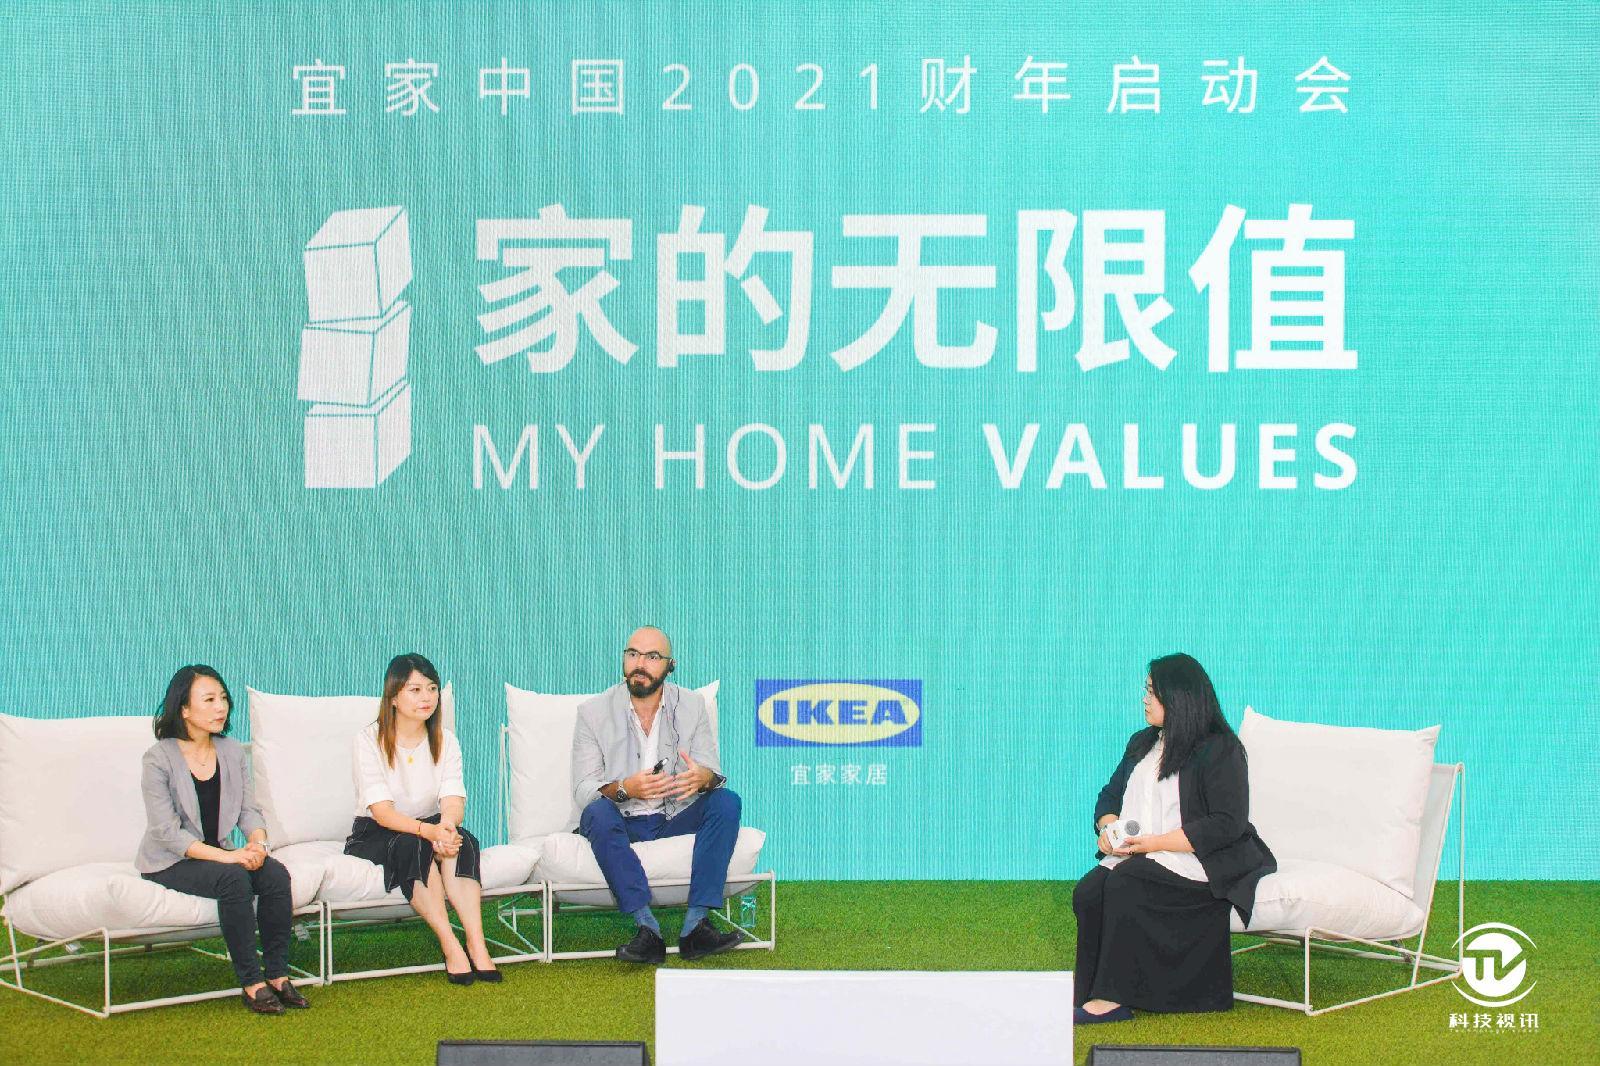 """可连续可肩负的""""家居无限值"""" 宜家中国2021媒体公布会宣布新战略"""